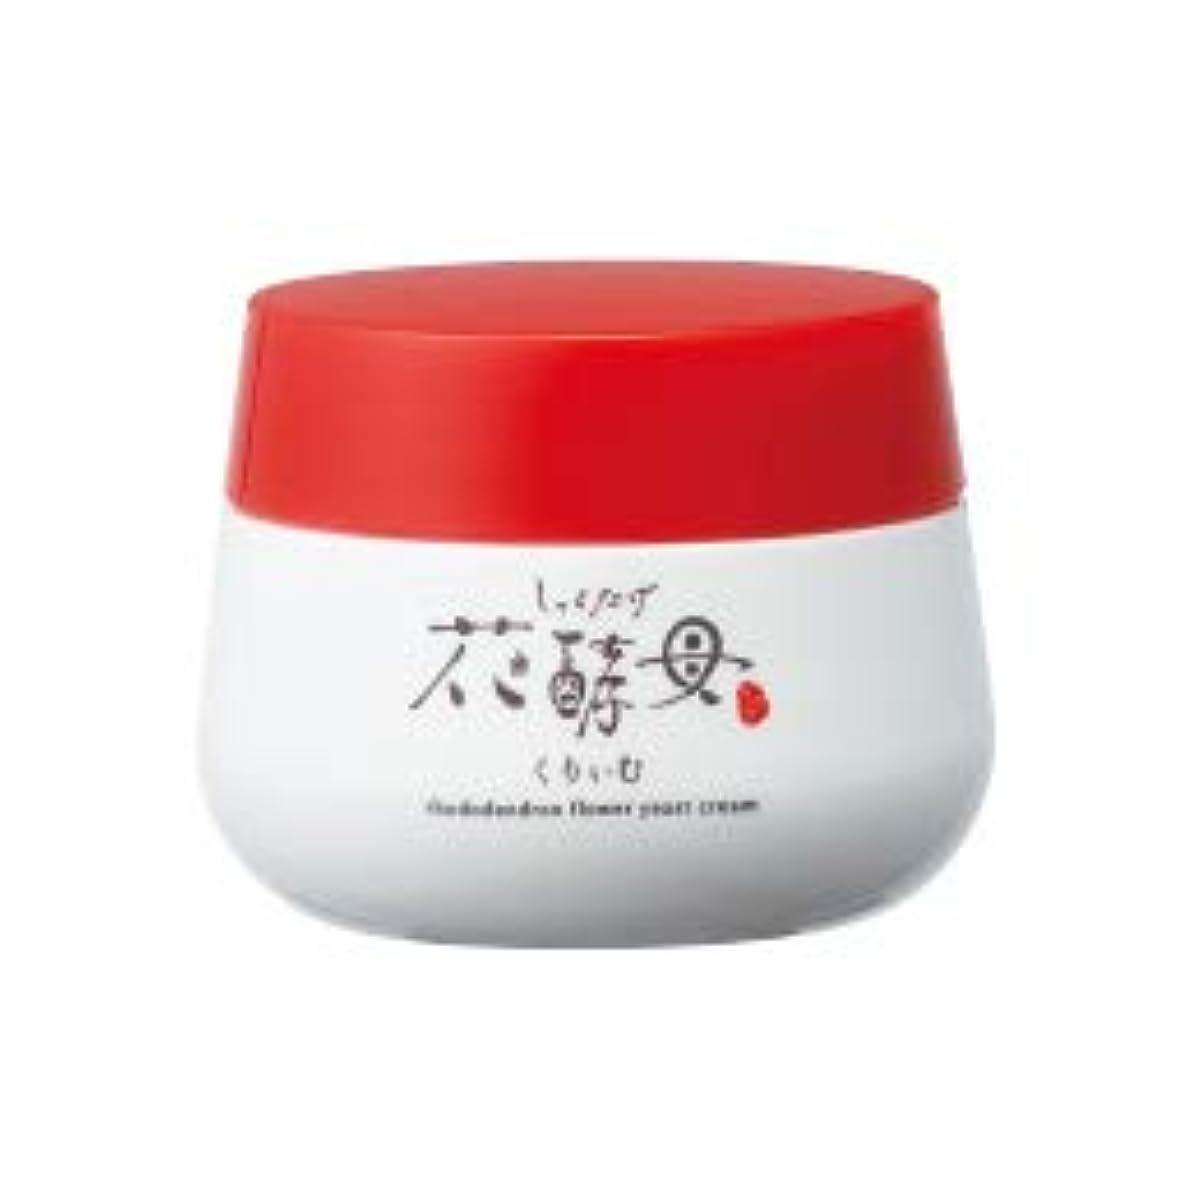 陰気検索エンジンマーケティング廊下豆腐の盛田屋 豆花水 しゃくなげ花酵母くりぃむ 30g